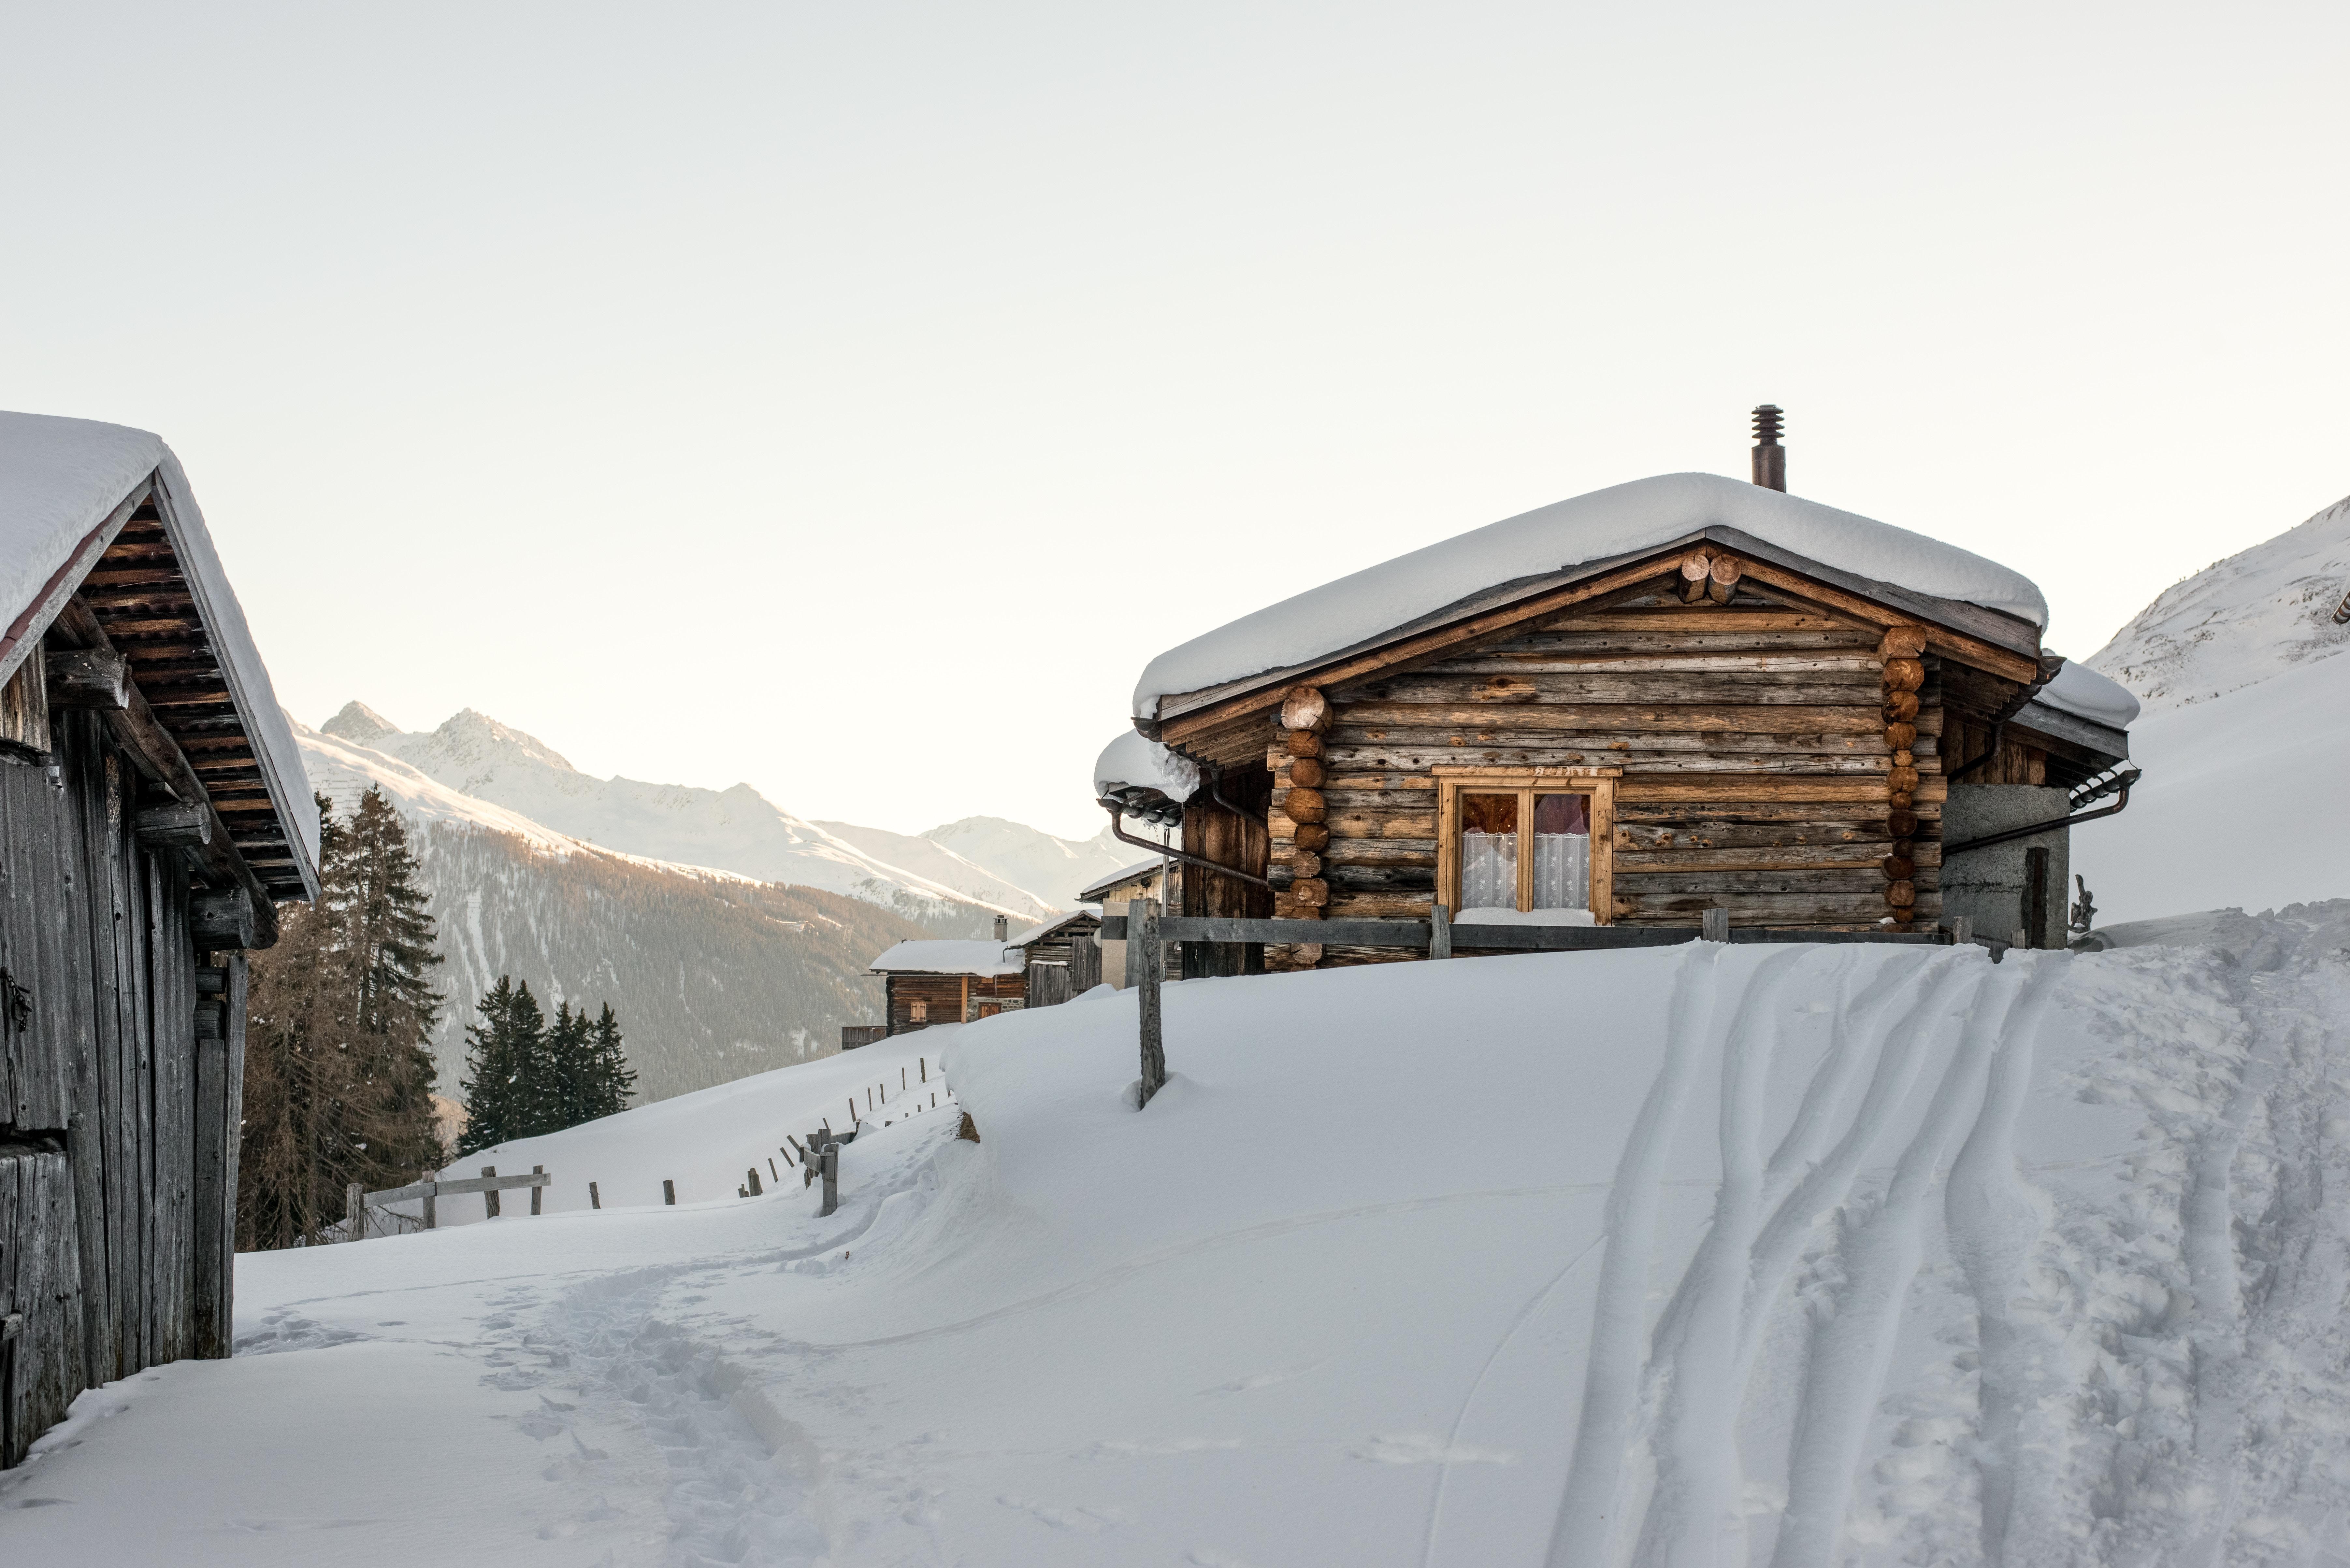 Chalet enneigé dans la montagne